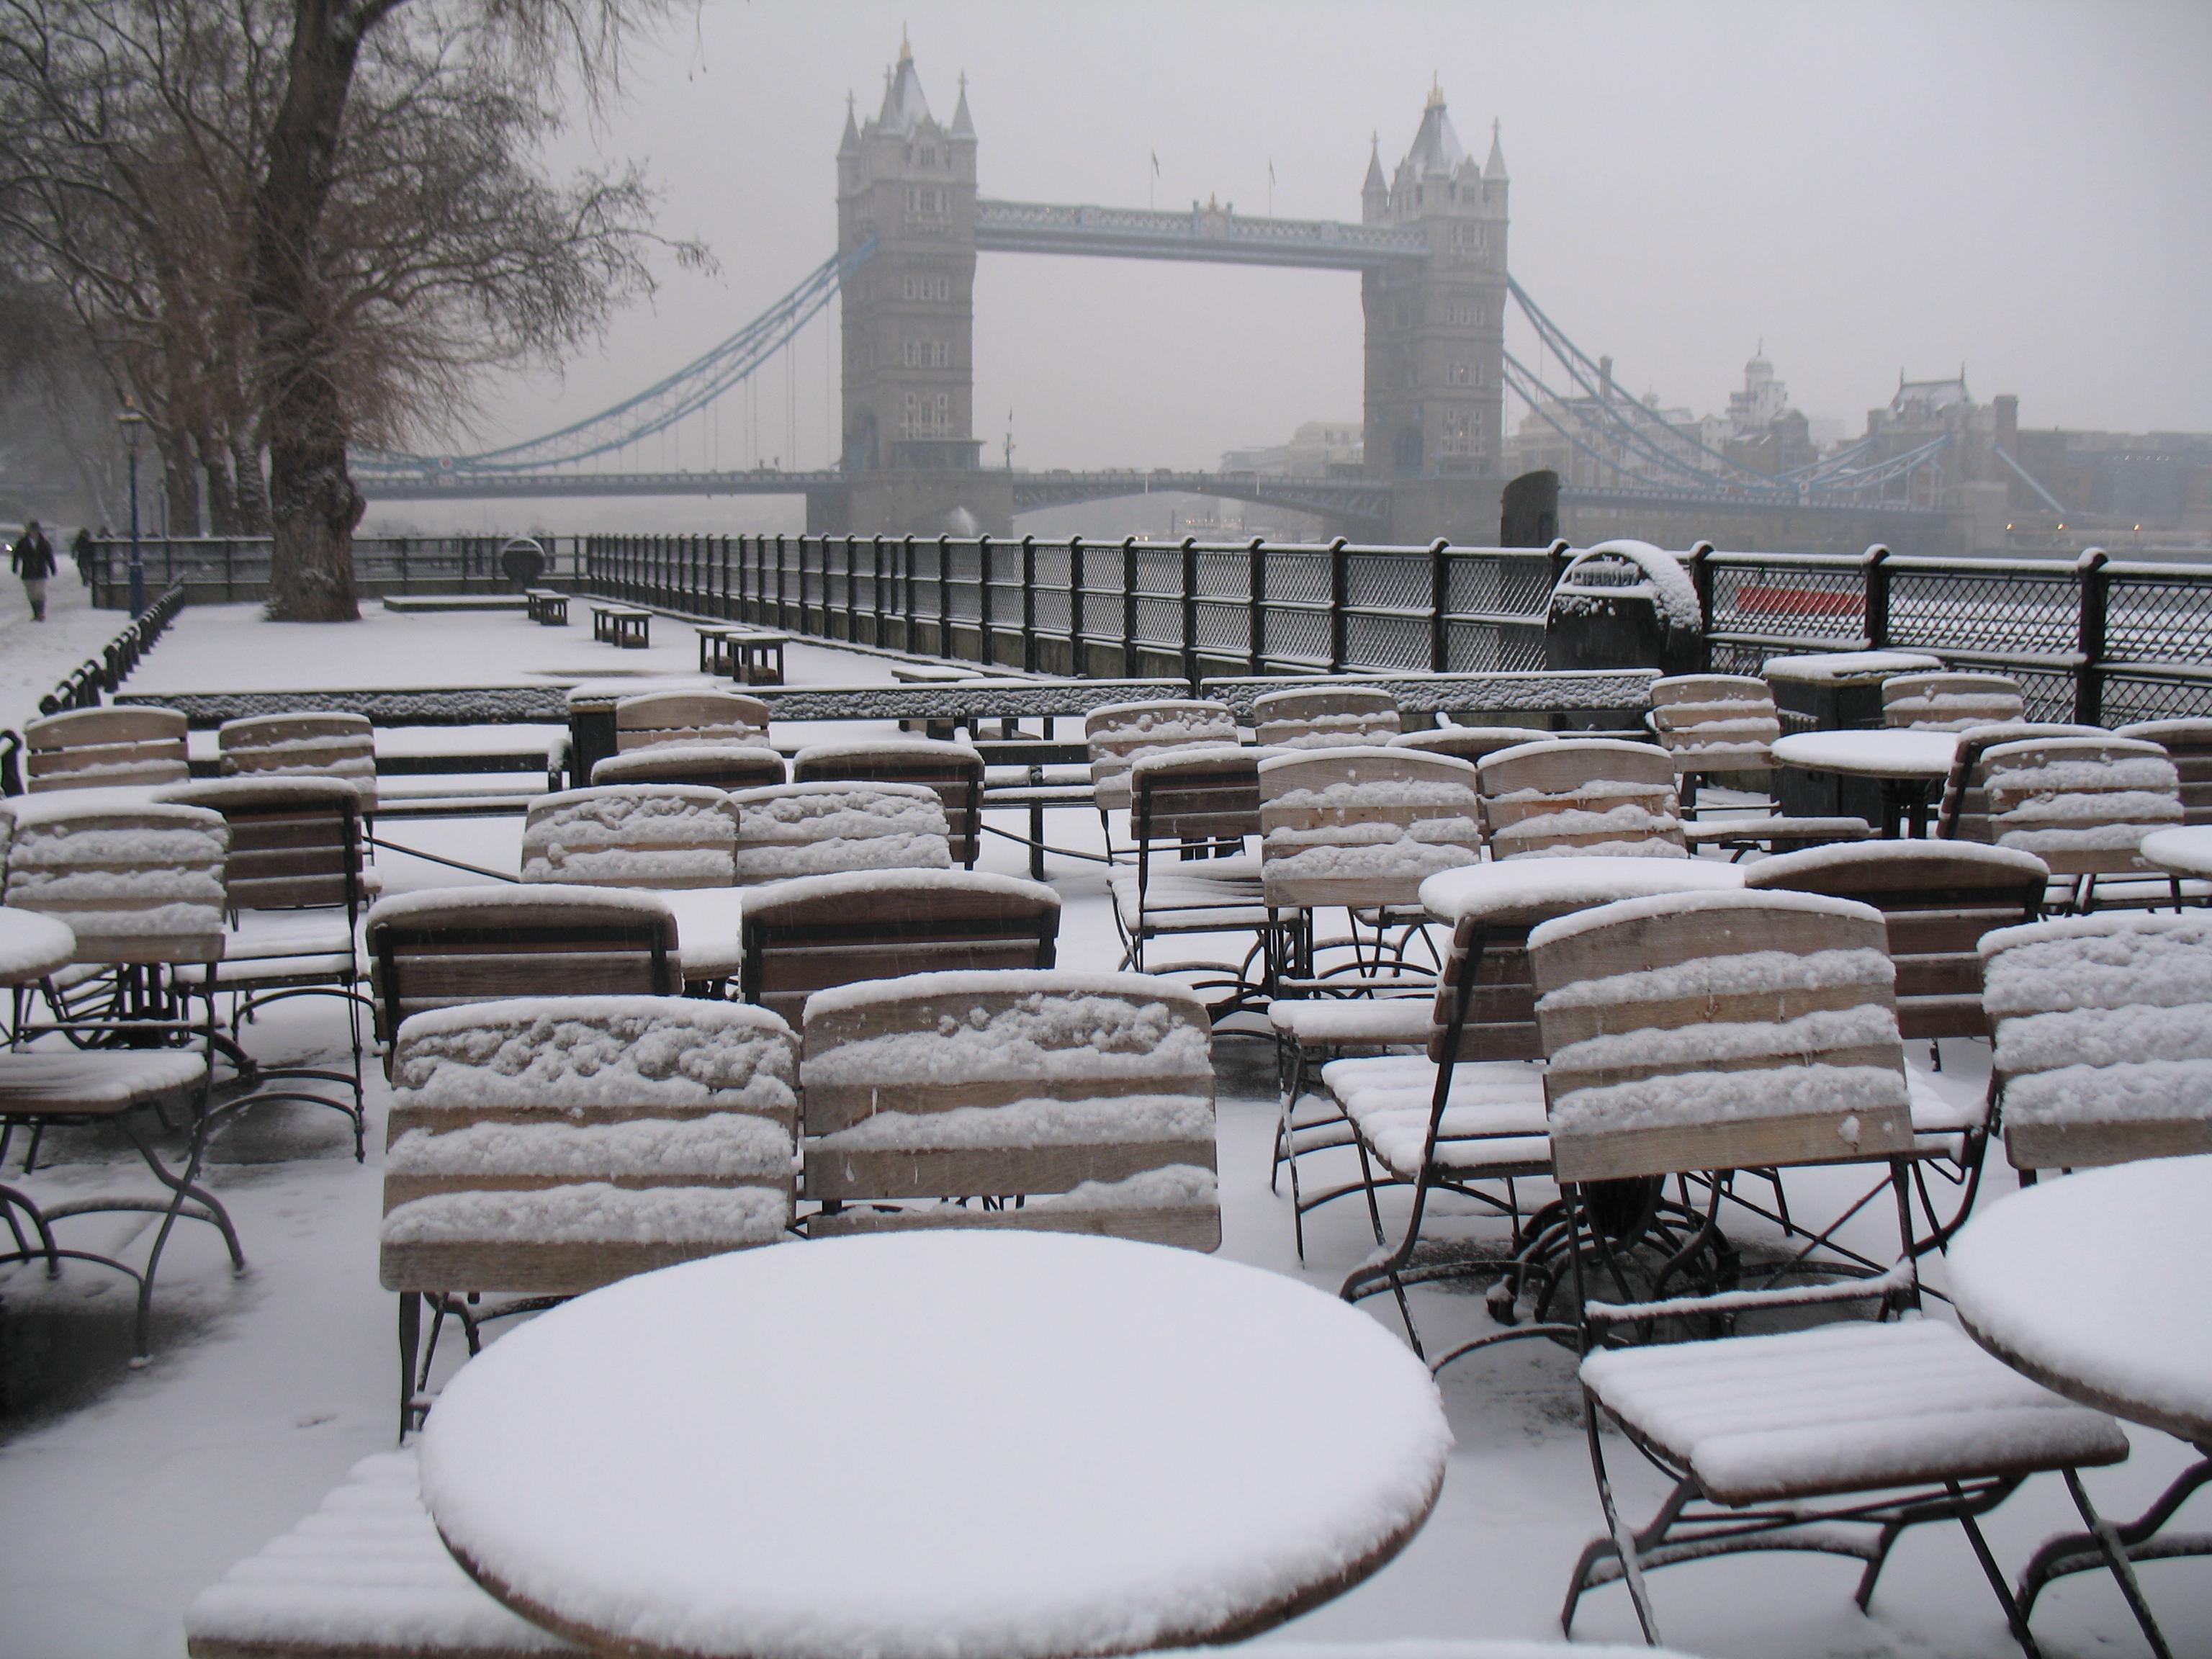 London Winter Wallpaper in London Cafe 3072x2304